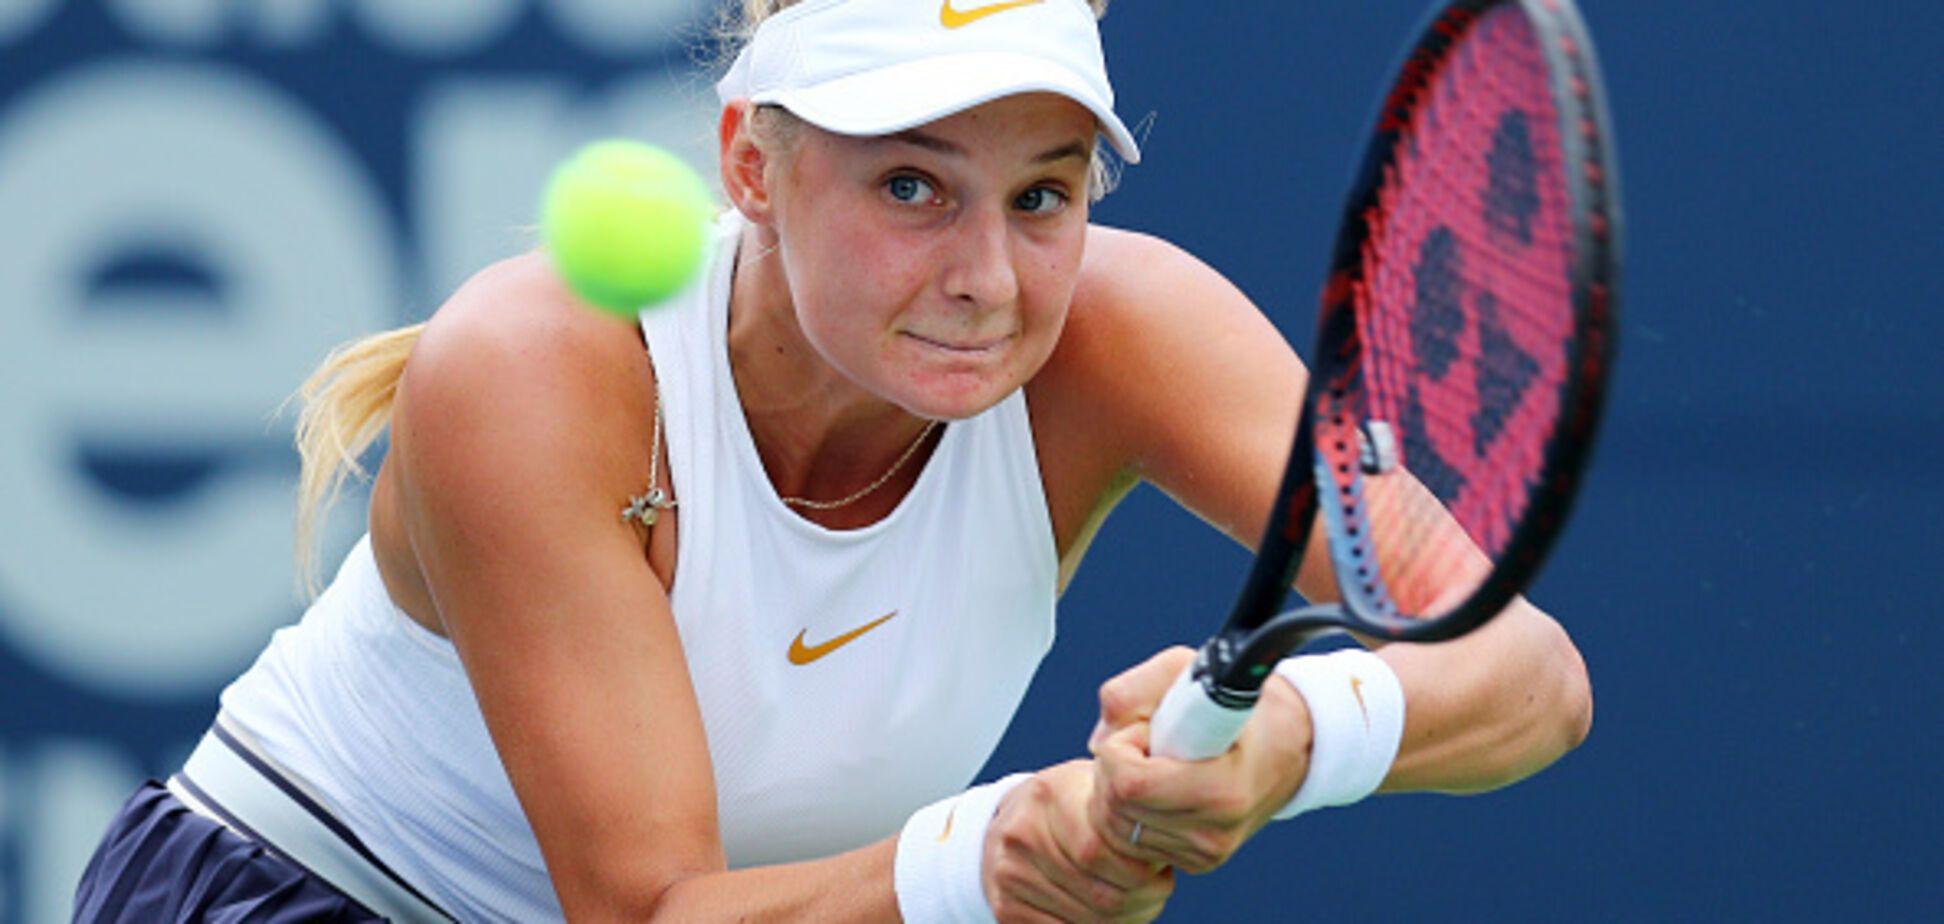 Юна українка створила гучну сенсацію на тенісному турнірі в Таїланді